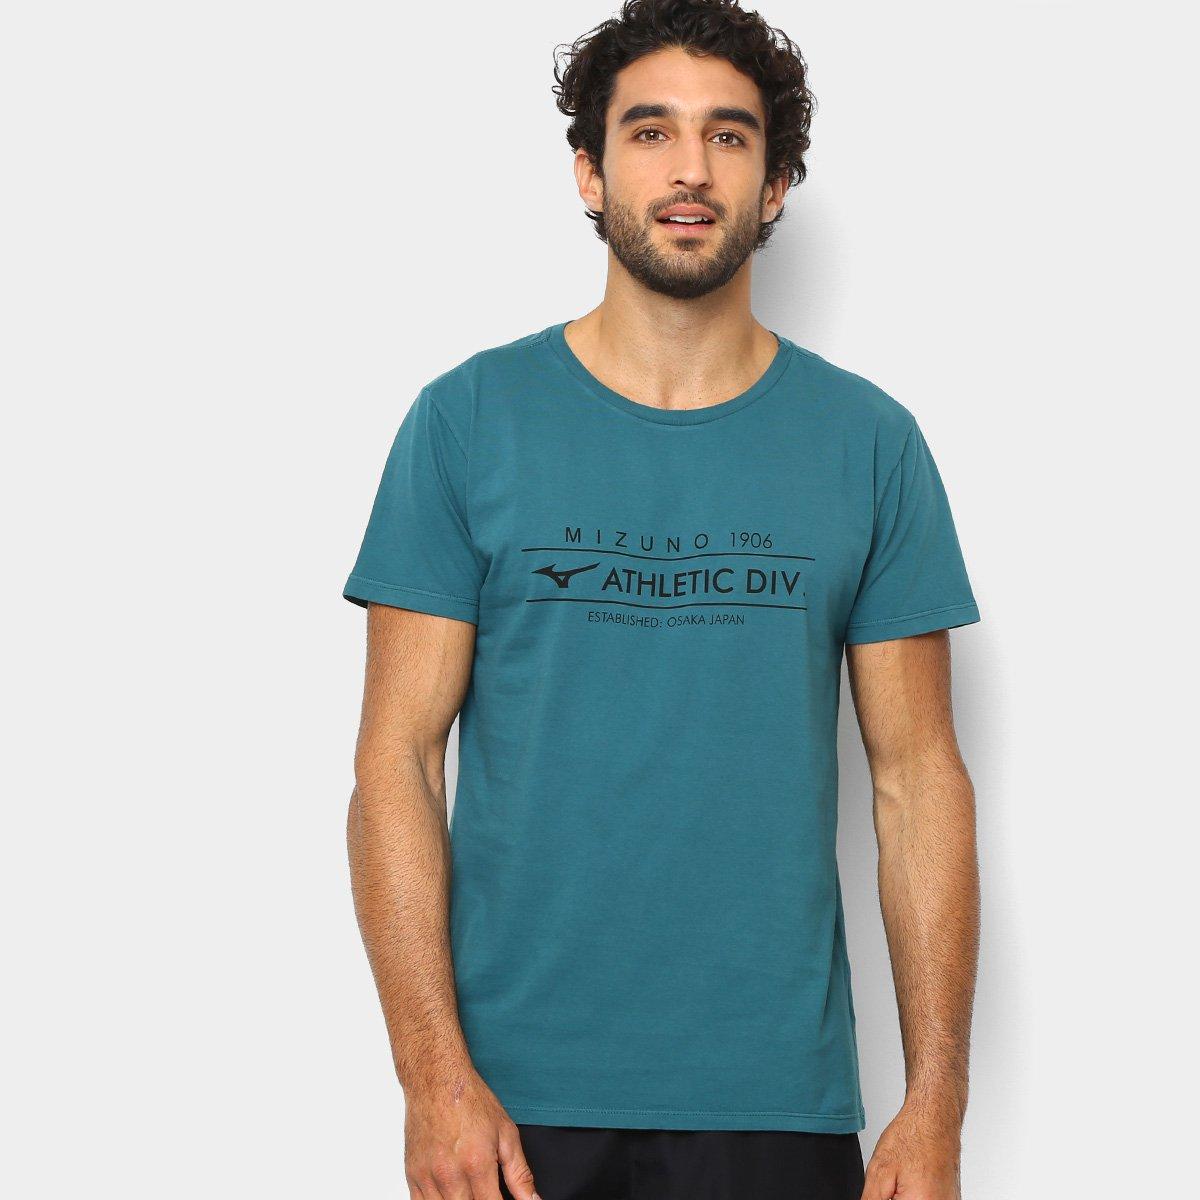 Camiseta Mizuno Athletic Div Masculina - Verde e Preto - Compre ... 8cee72289b828